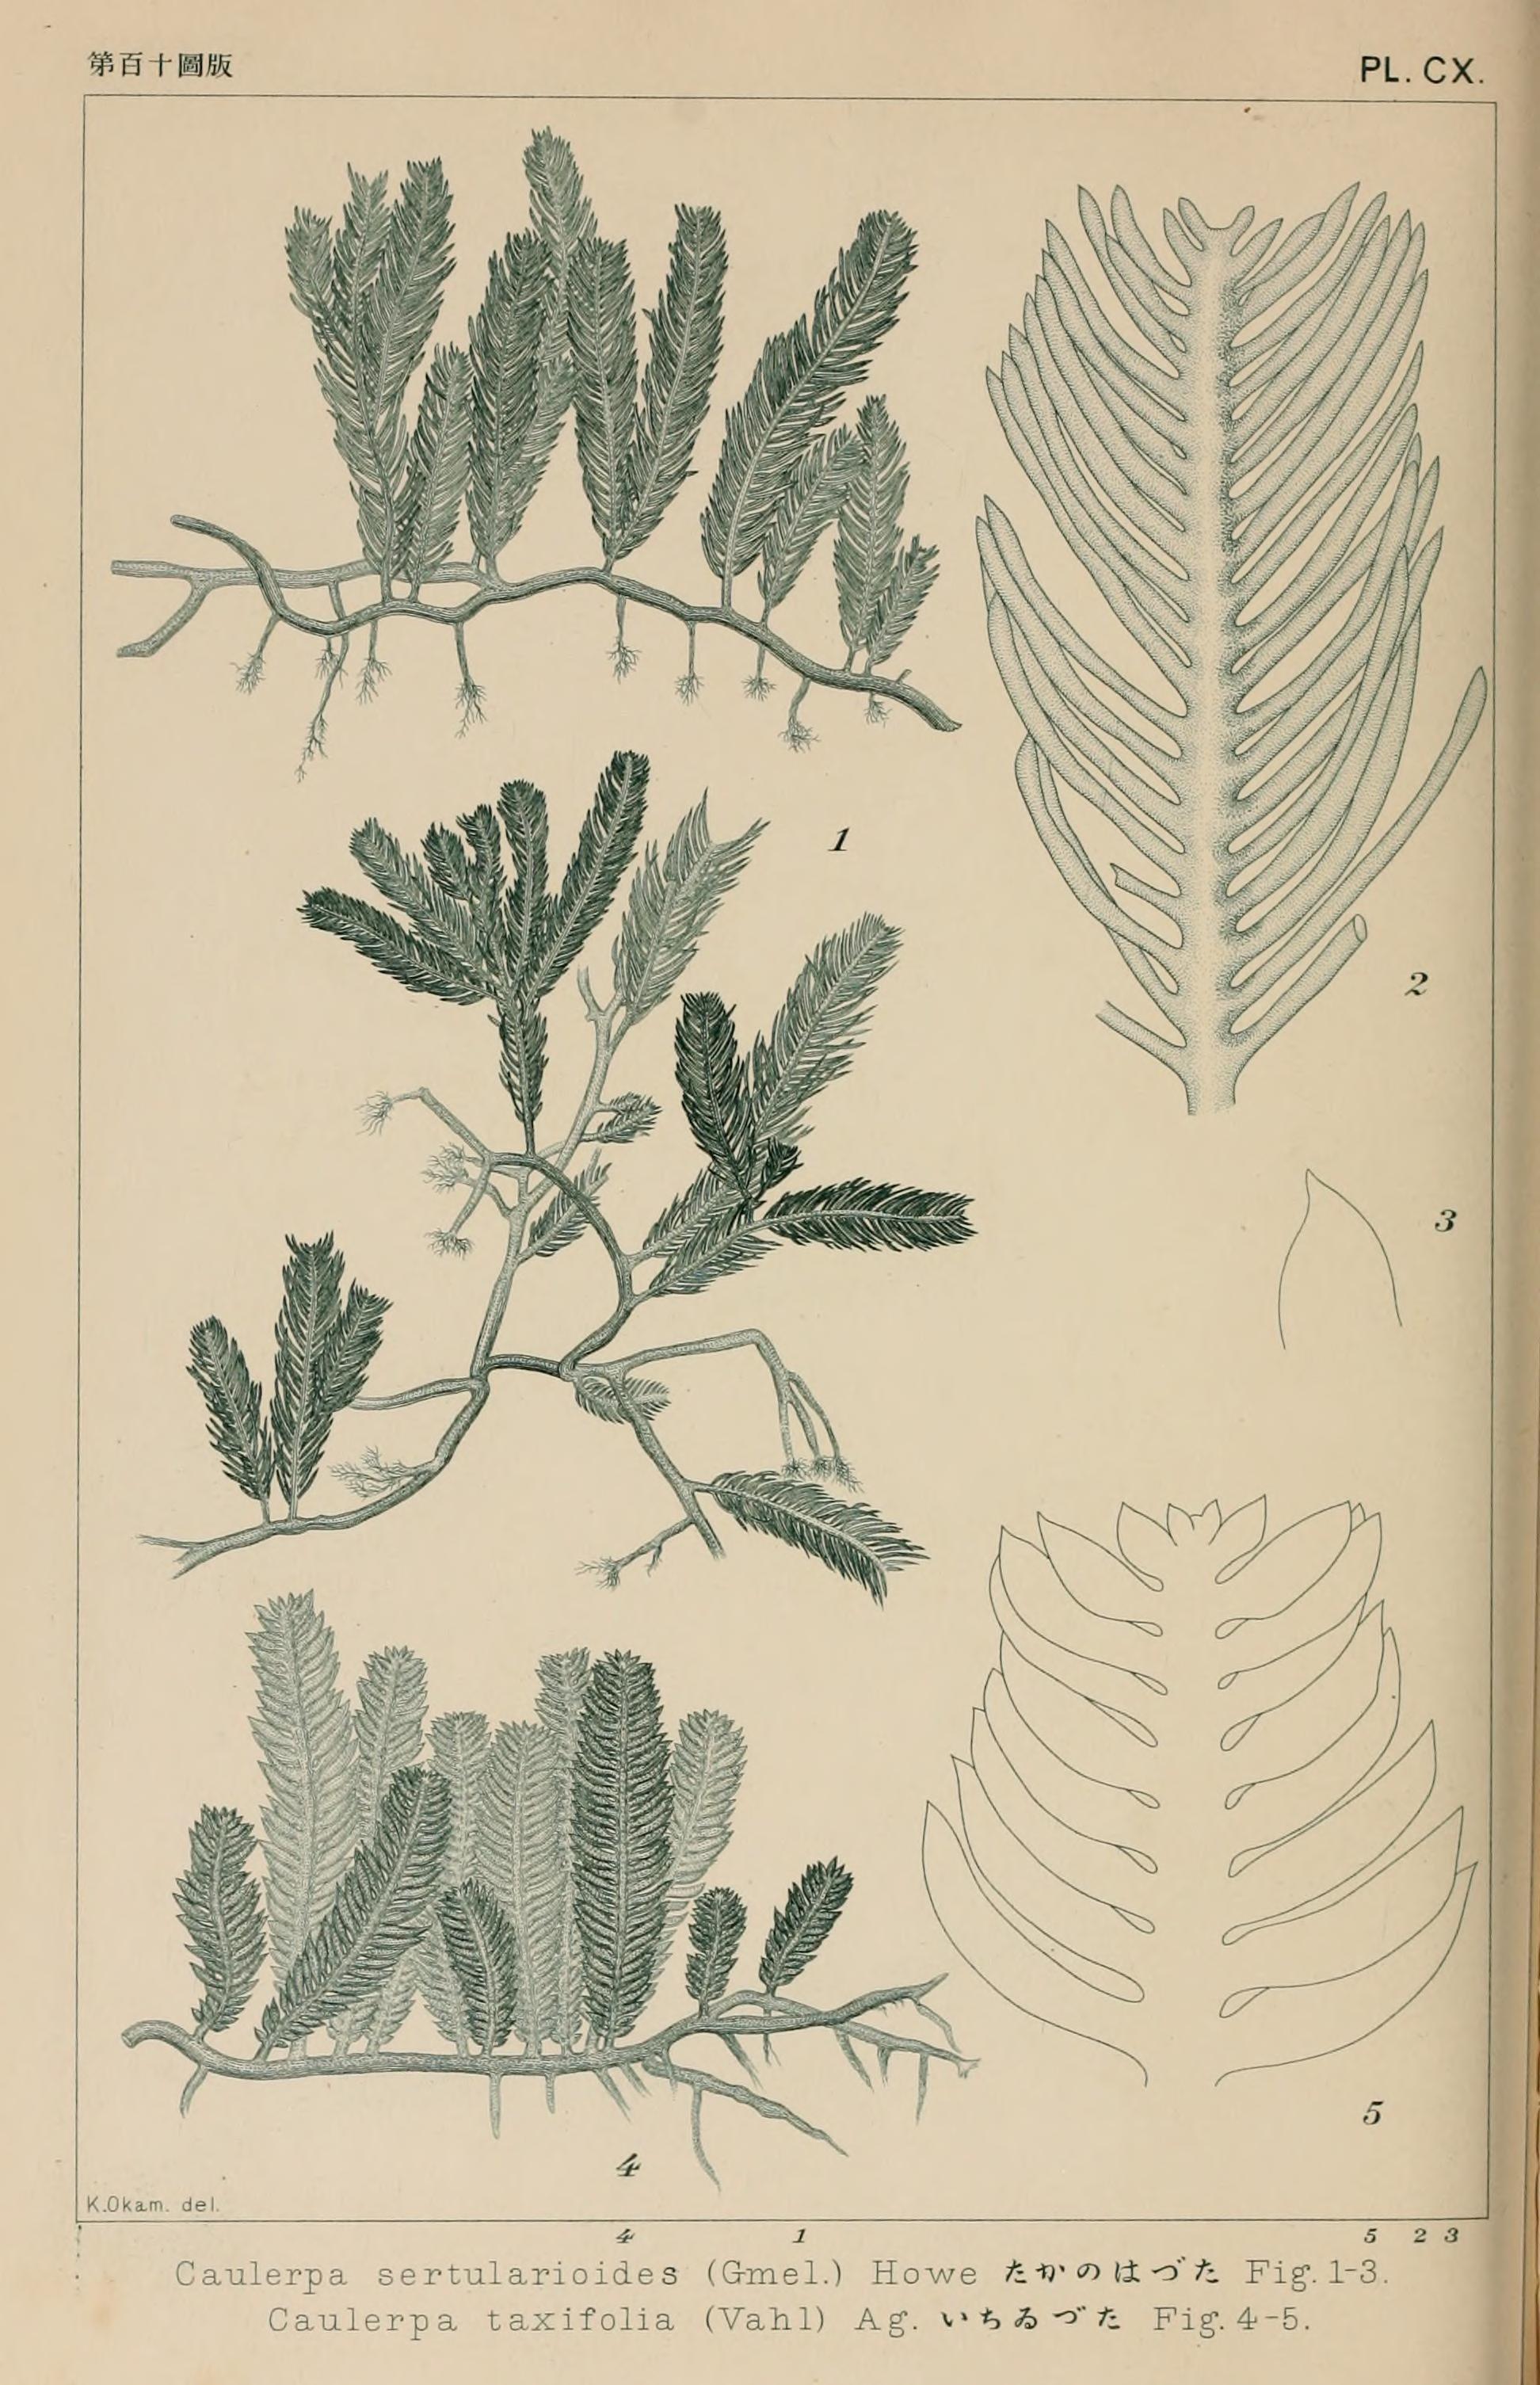 Image of killer alga